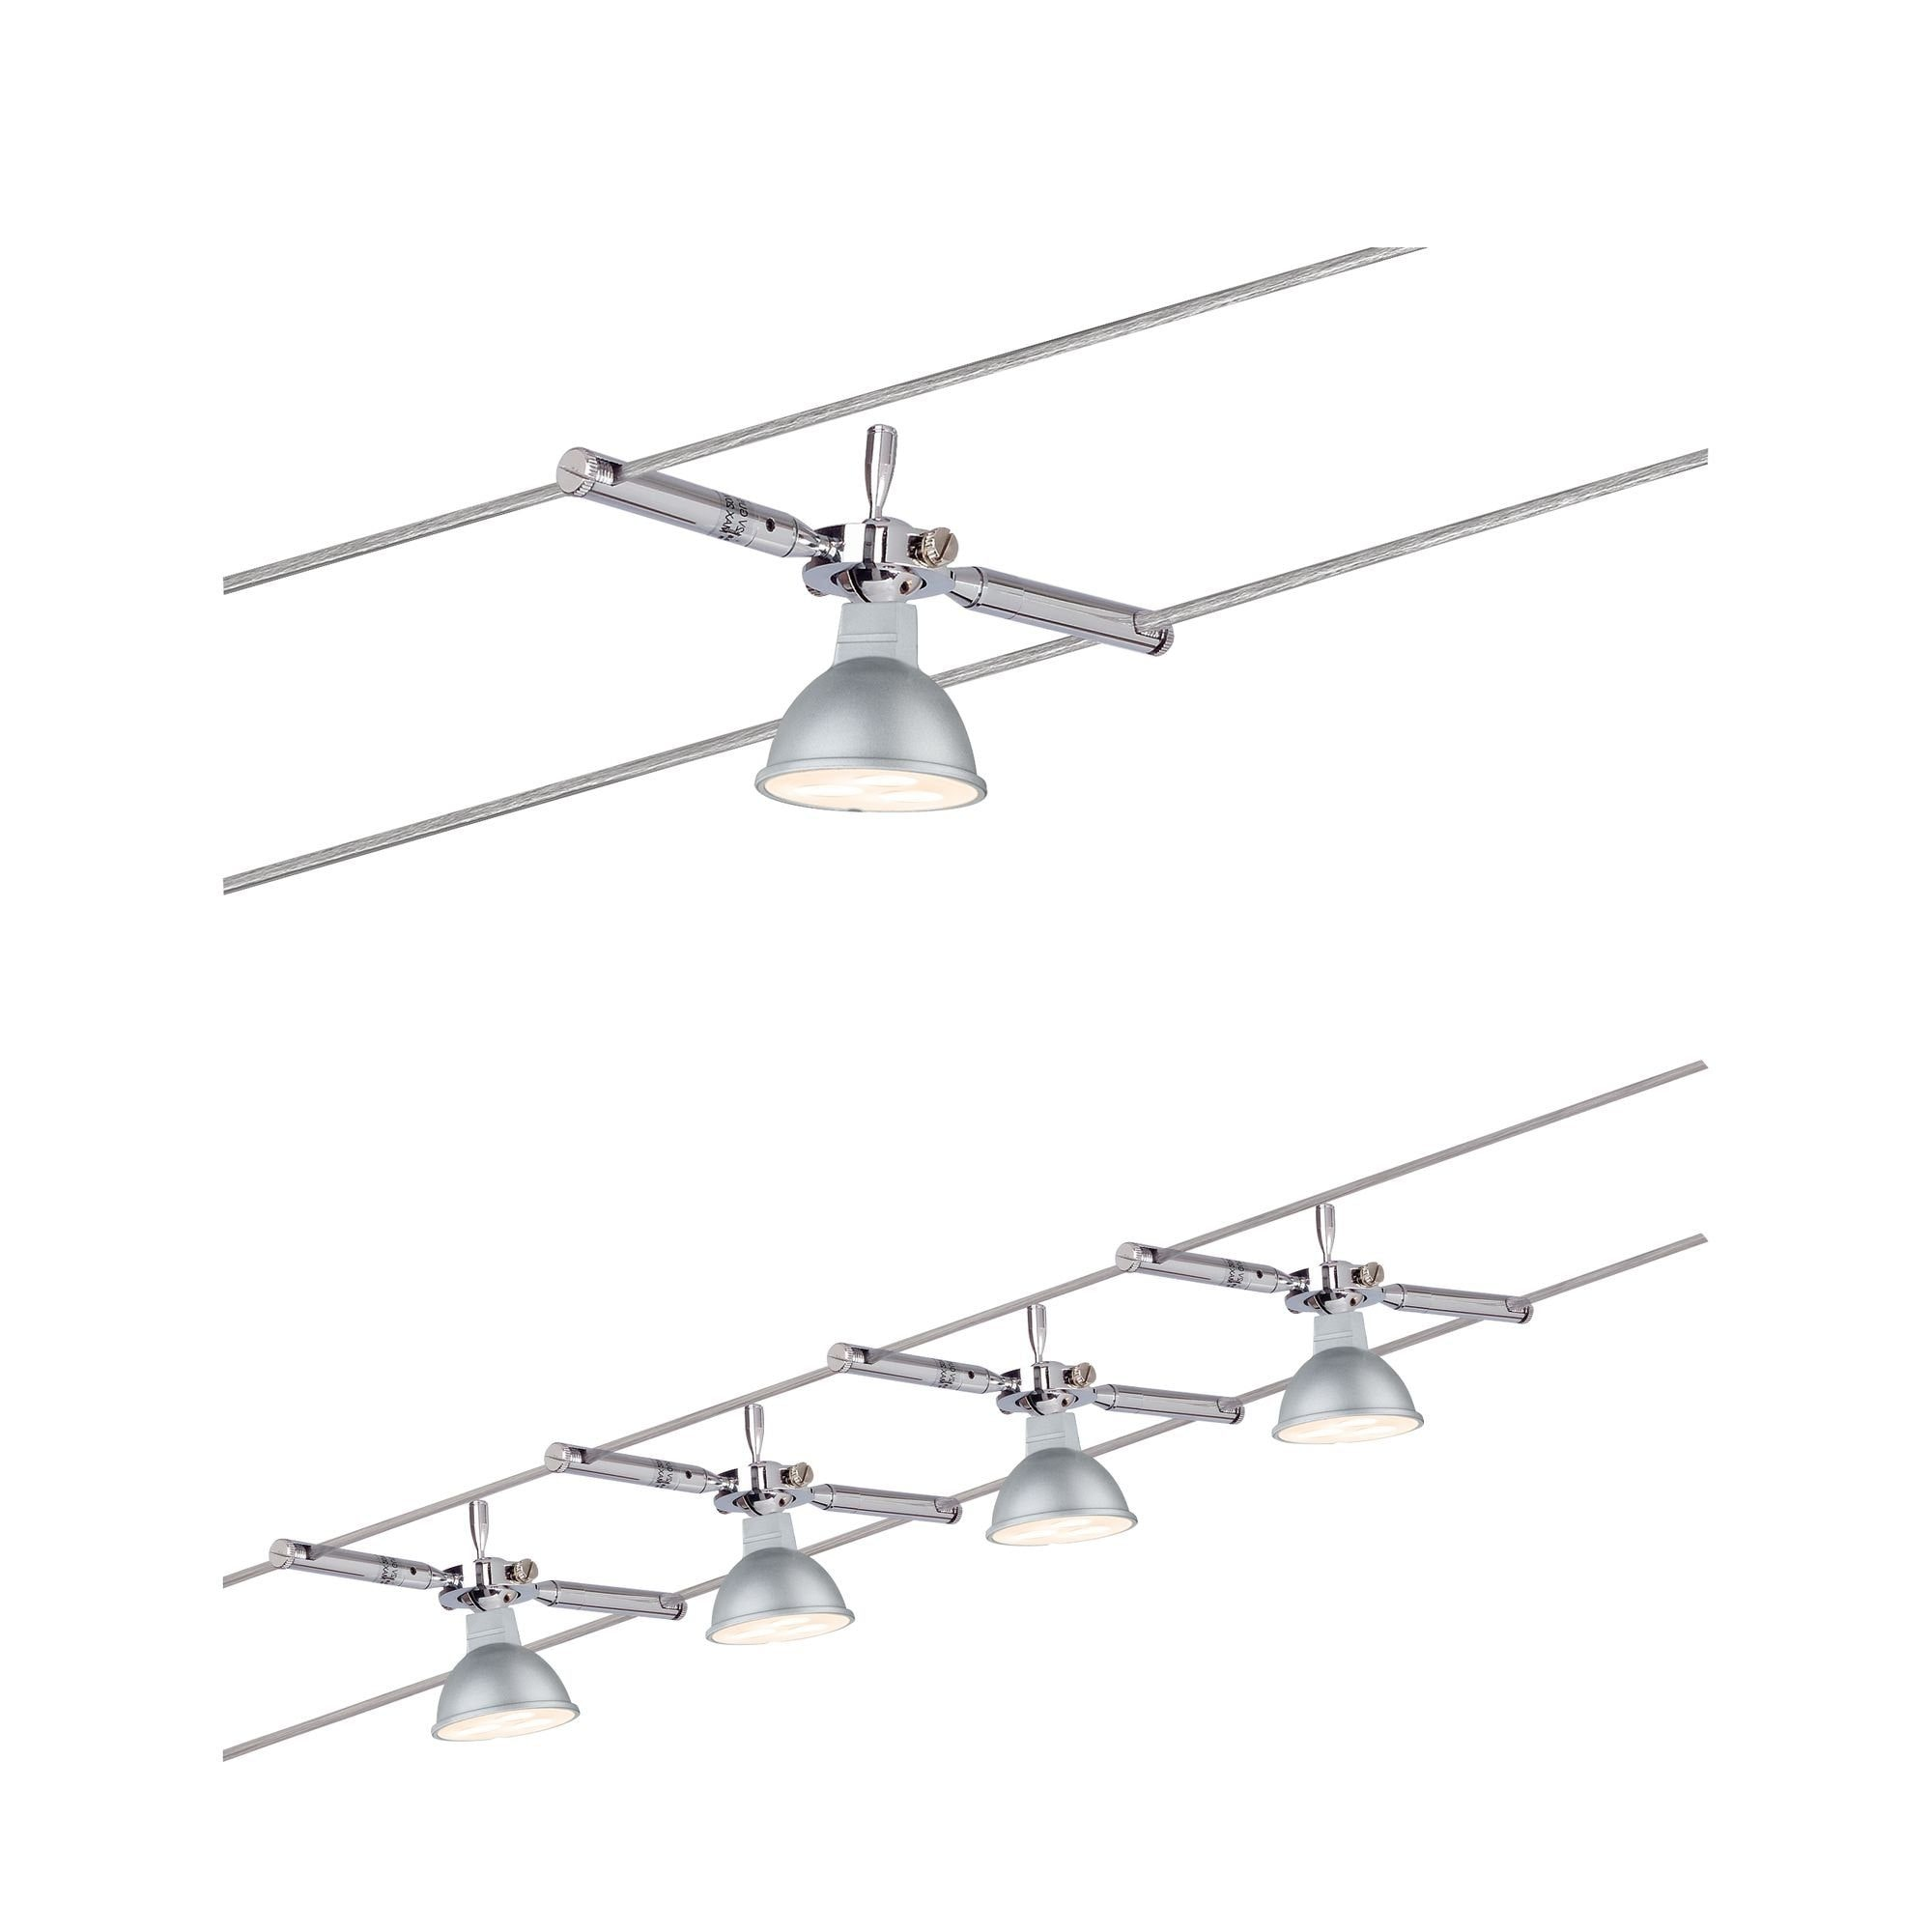 Paulmann LED Deckenleuchte Wohnzimmerlampe 4x4W TogoLED 230/12V, Chrom 230/12V, Chrom, GU 5,3, 1 St.